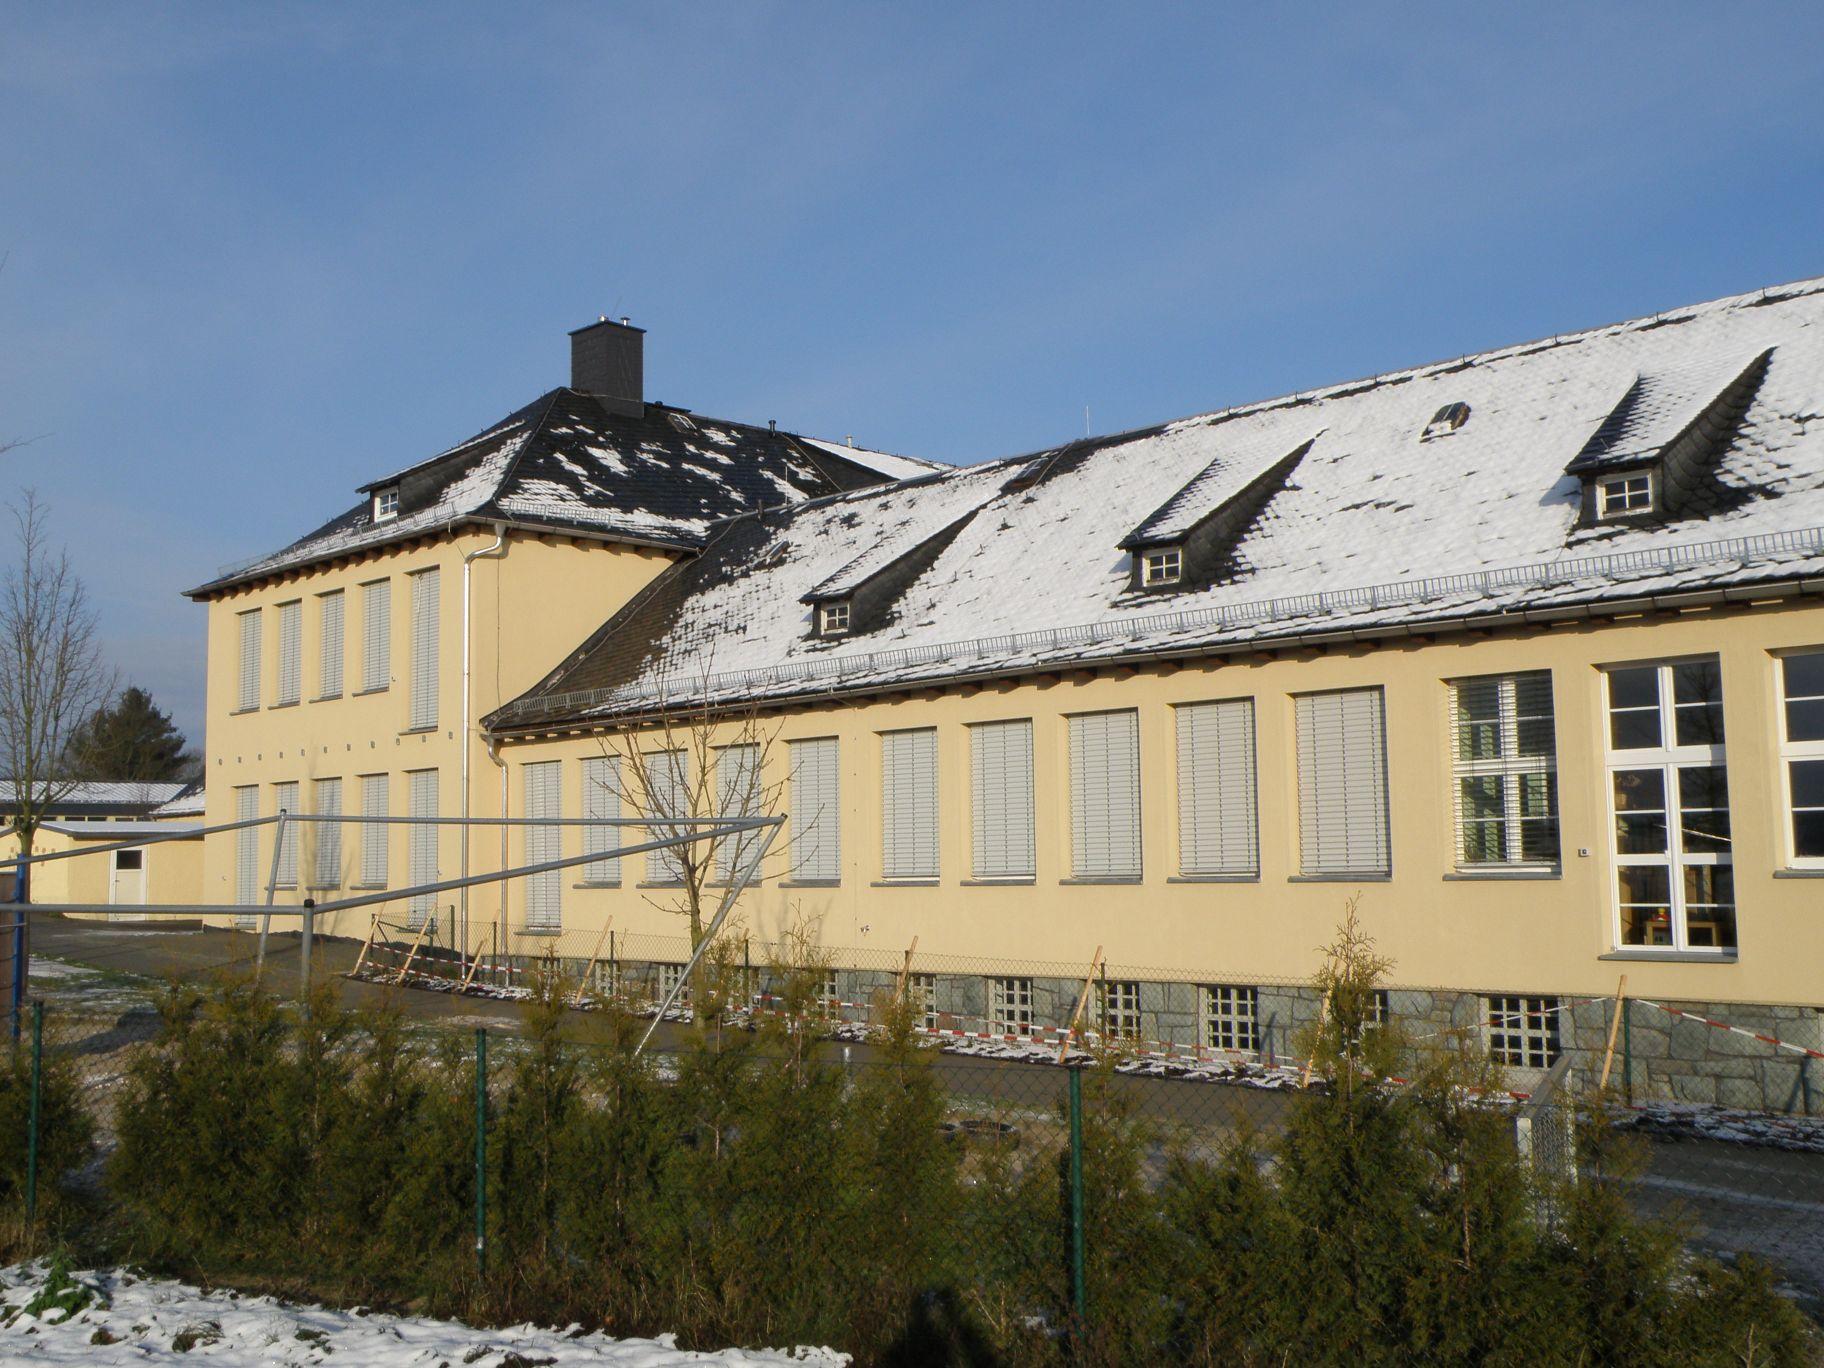 Sanierung der Schule mit Hort und Kindergarten in der Gemeinde Mohlsdorf mit Einbau einer Hackschnitzelheizung